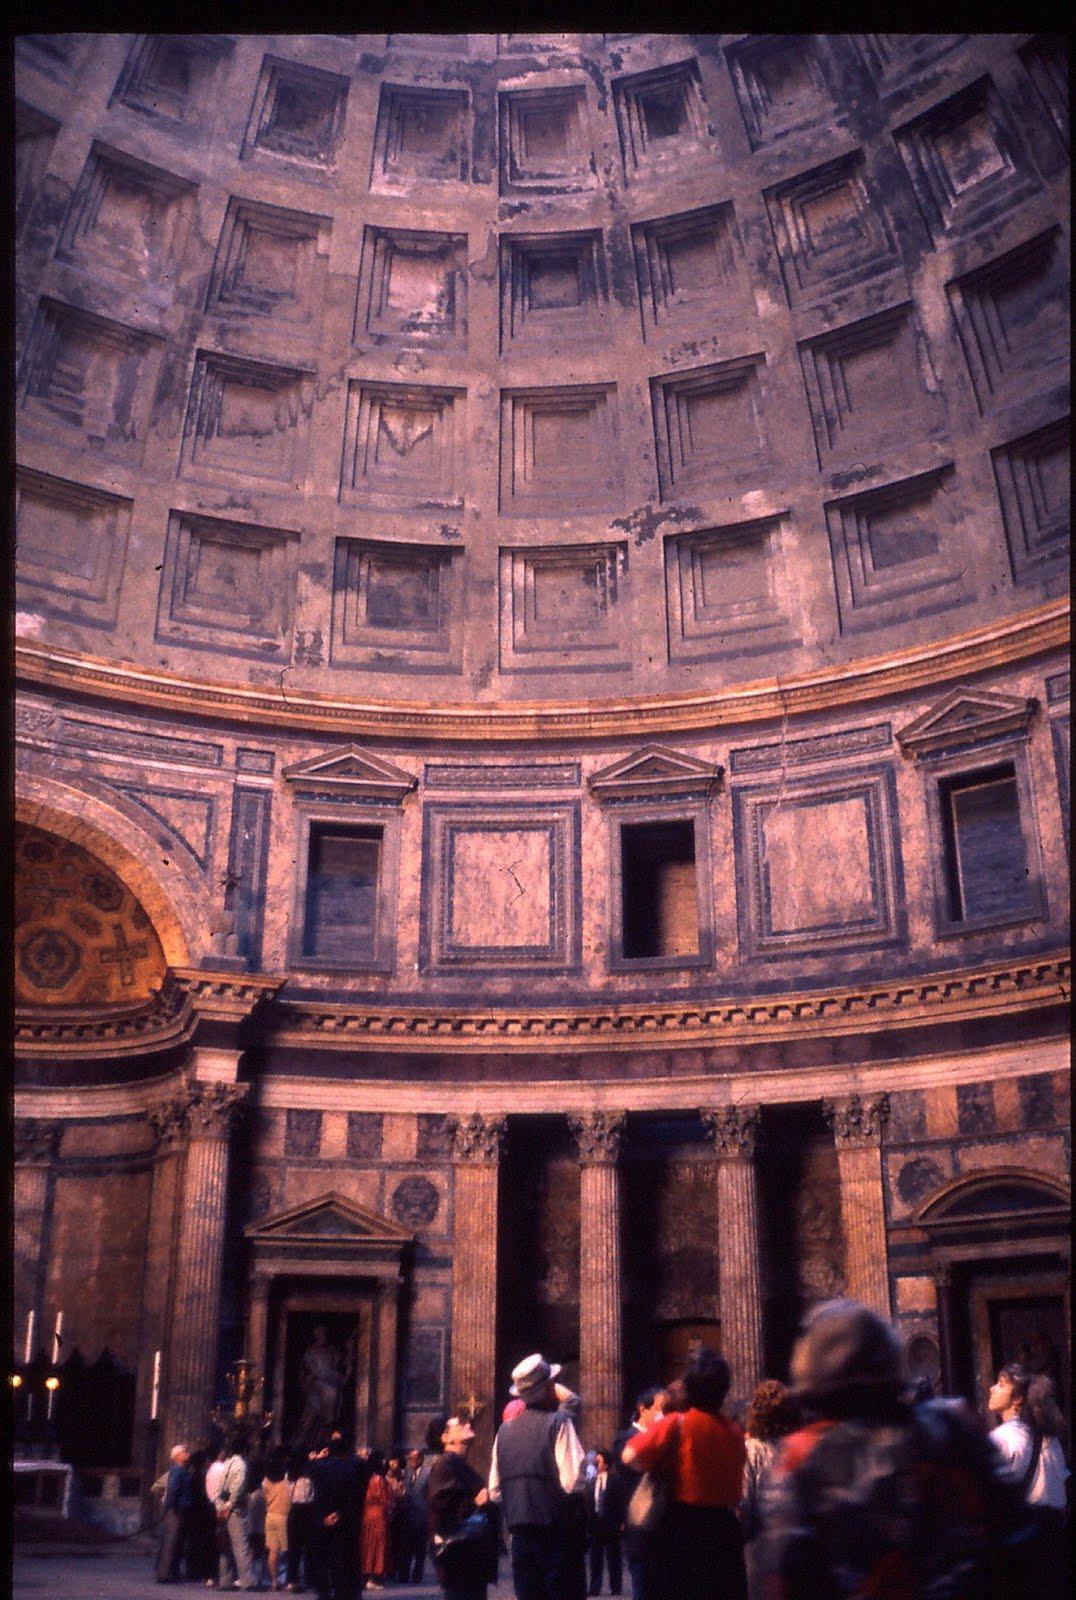 [Pantheon+interior]